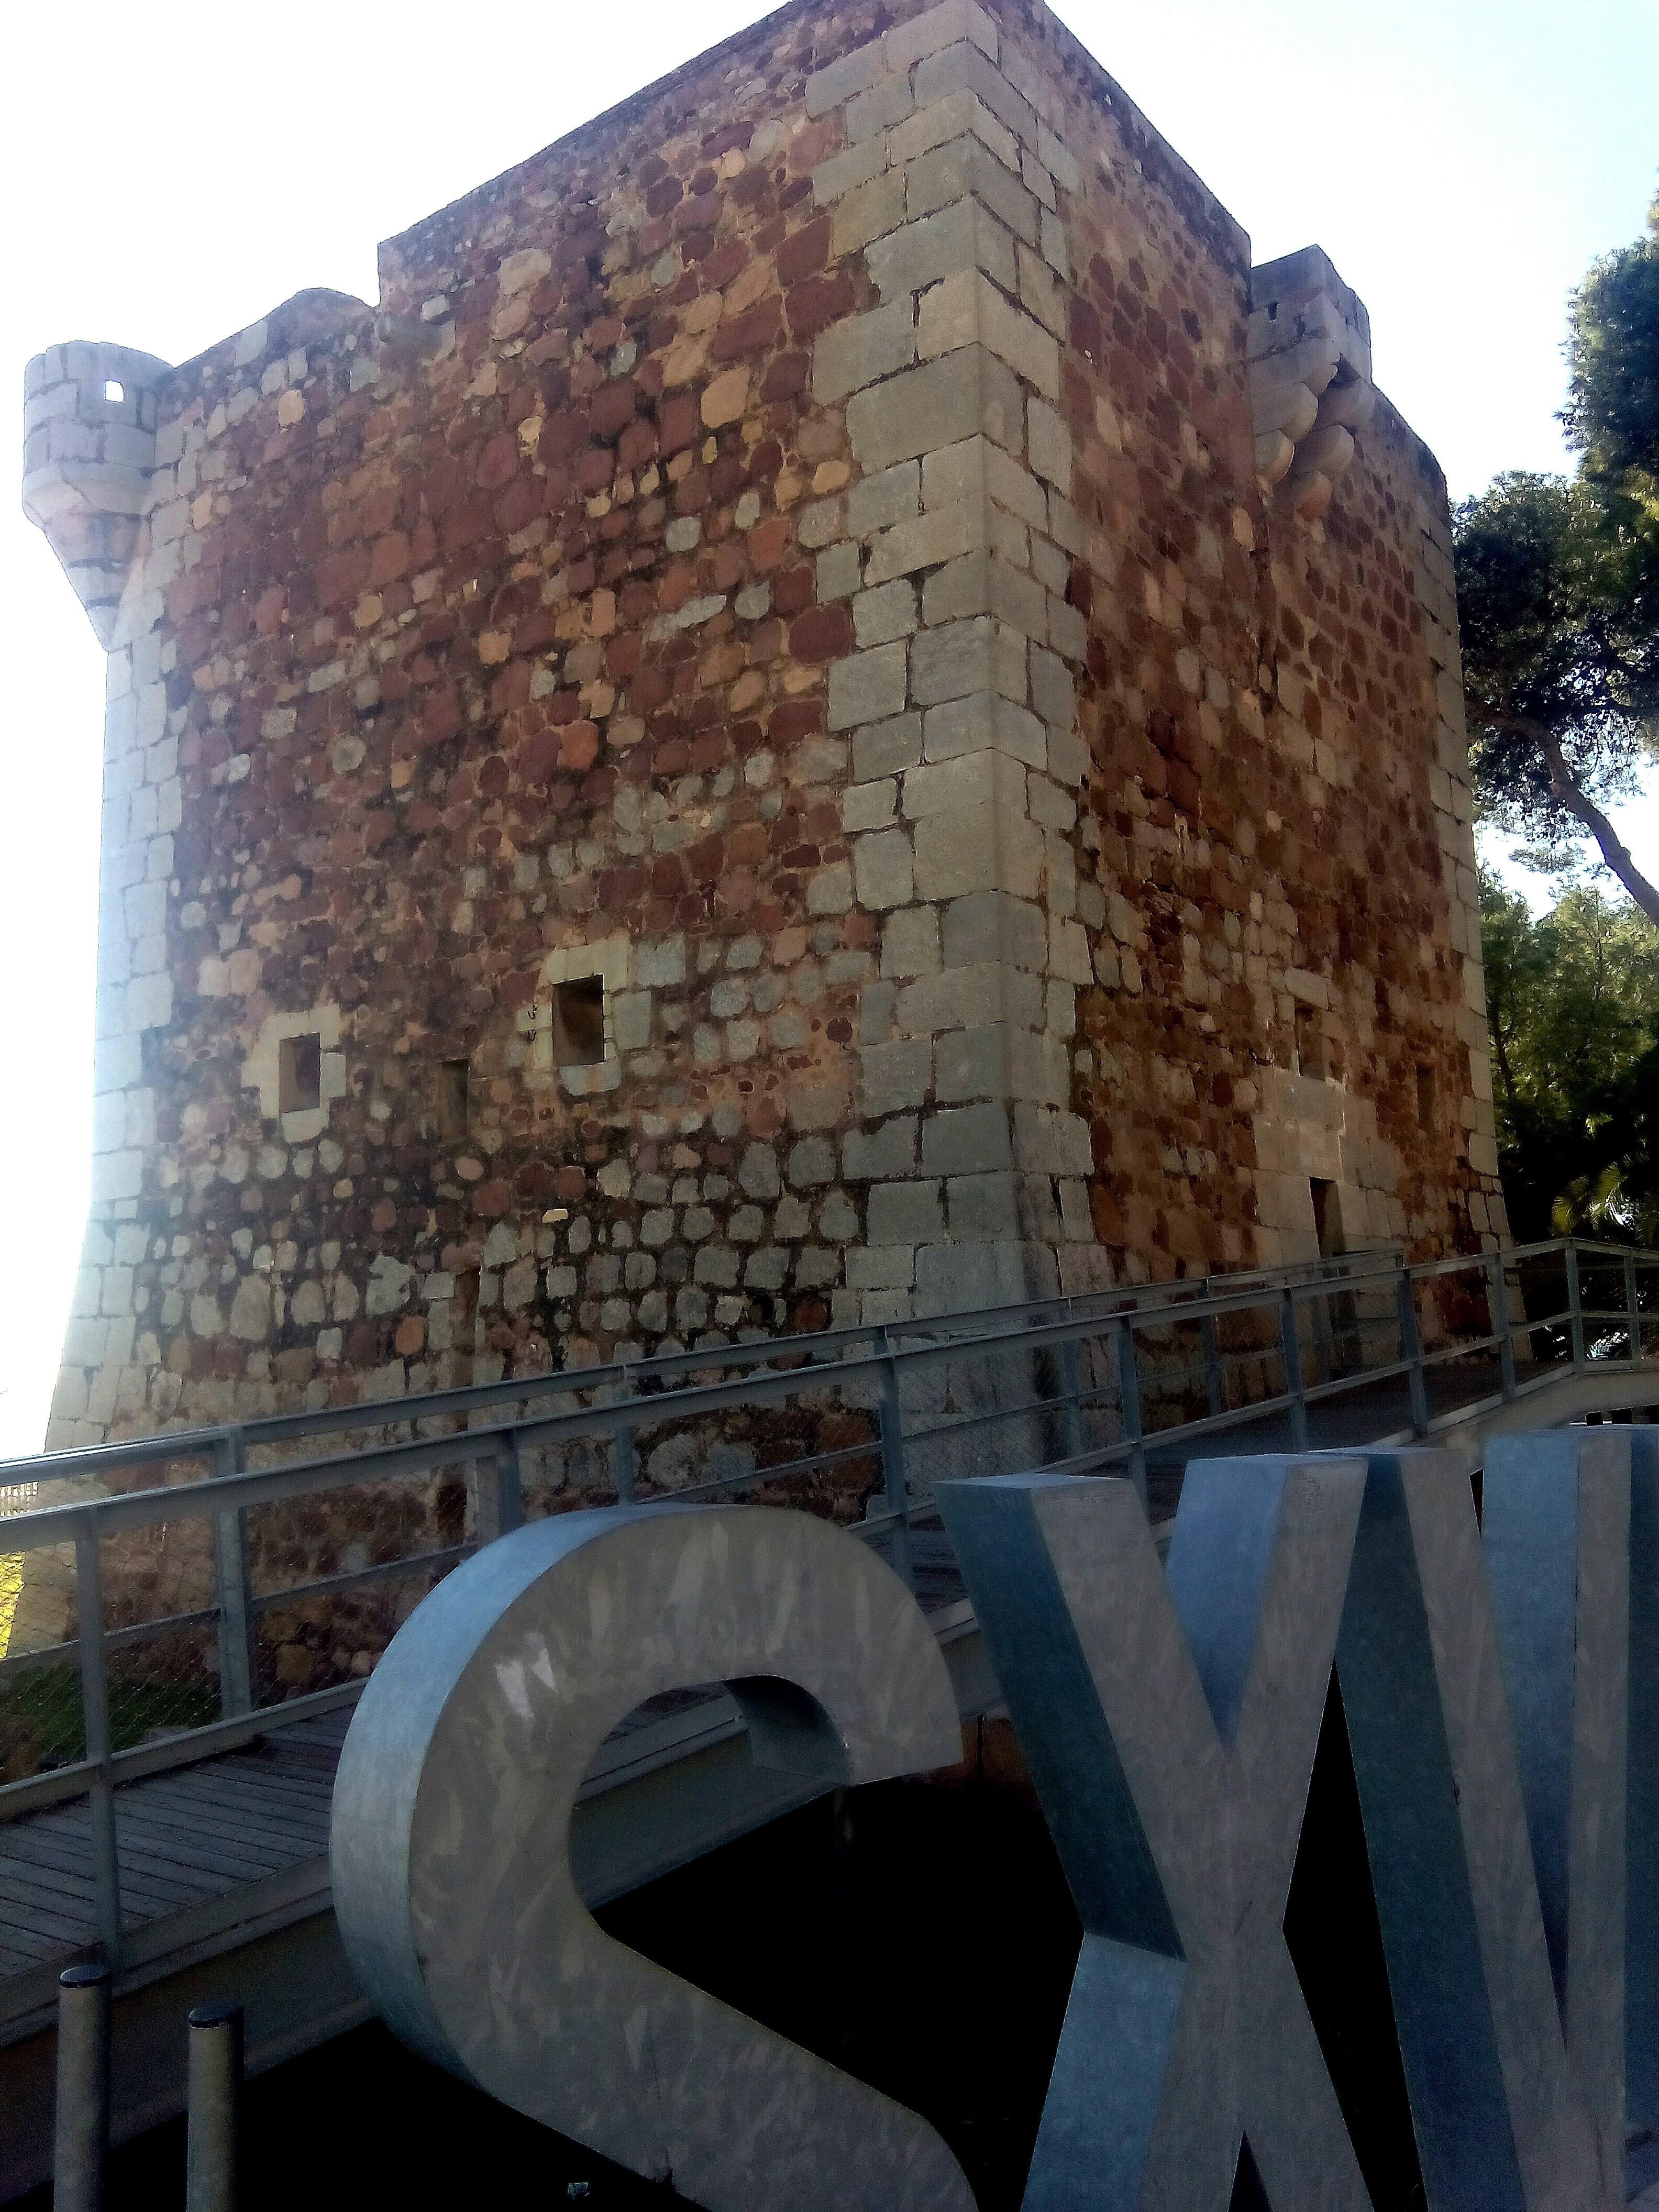 Cultura quiere convertir la Torre de Sant Vicent en un Centro de Interpretación